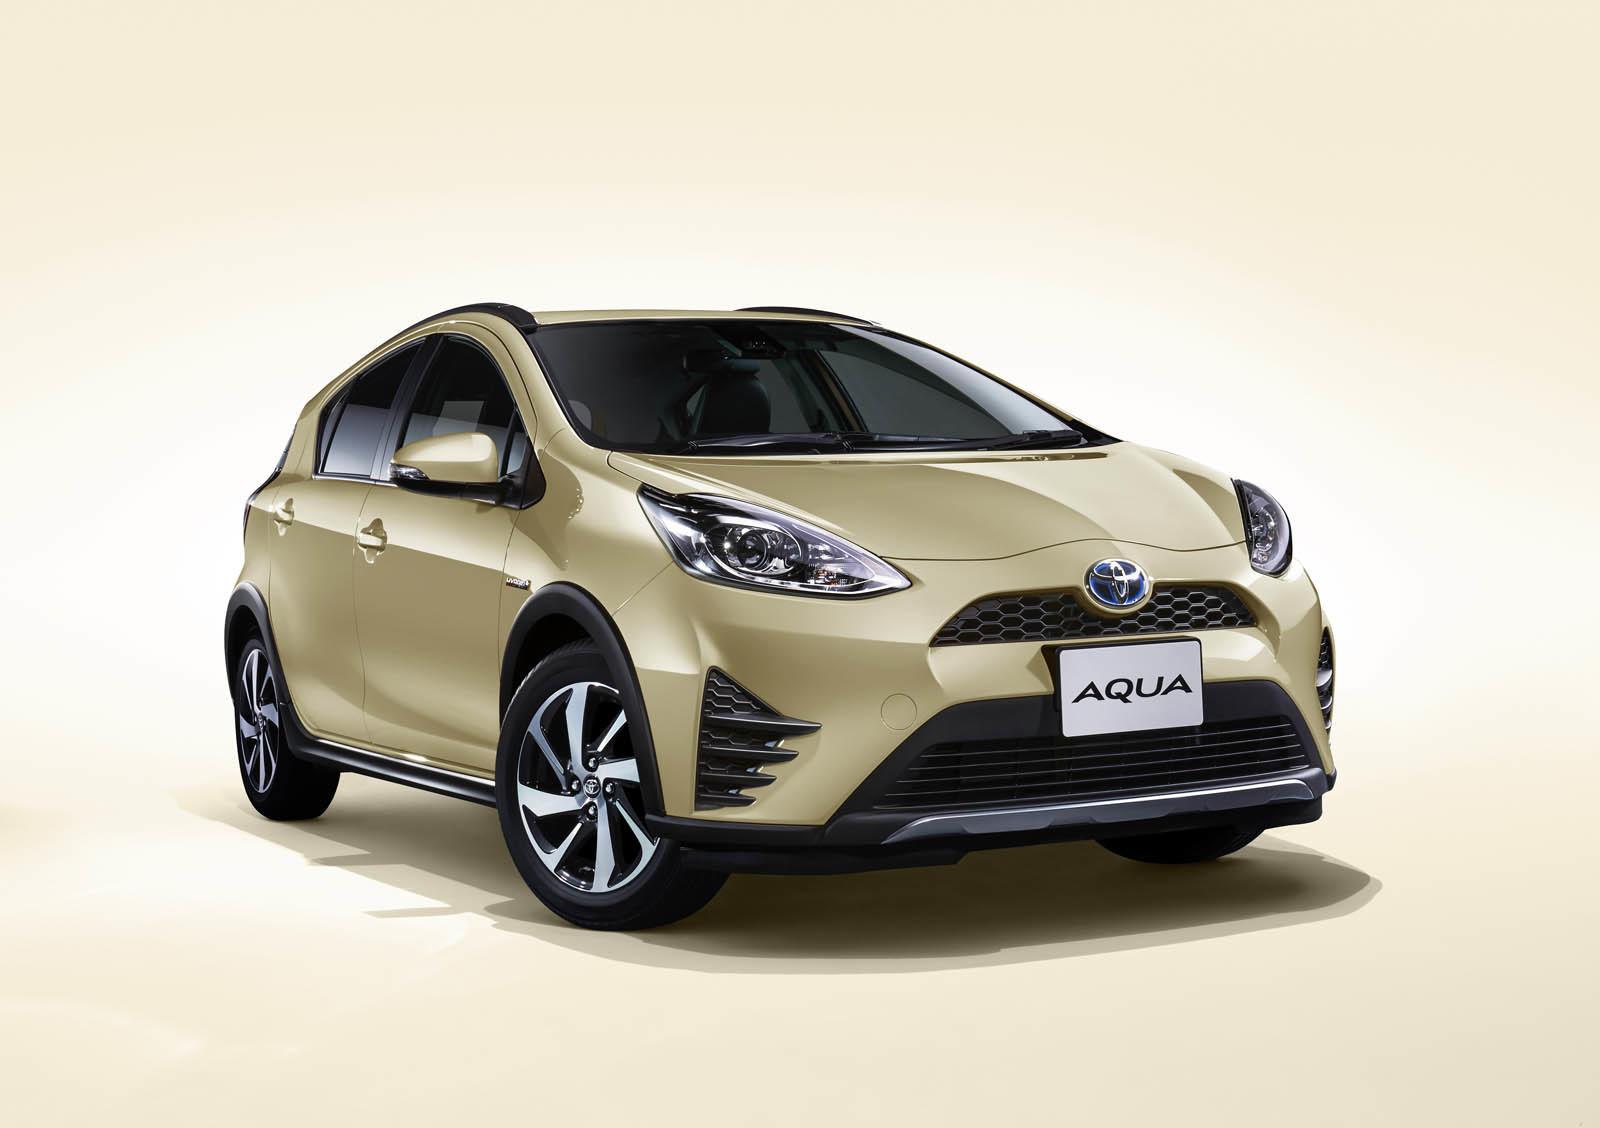 ¿Por qué el Toyota Prius C quiere parecerse a un SUV? La fiebre SUV ataca de nuevo